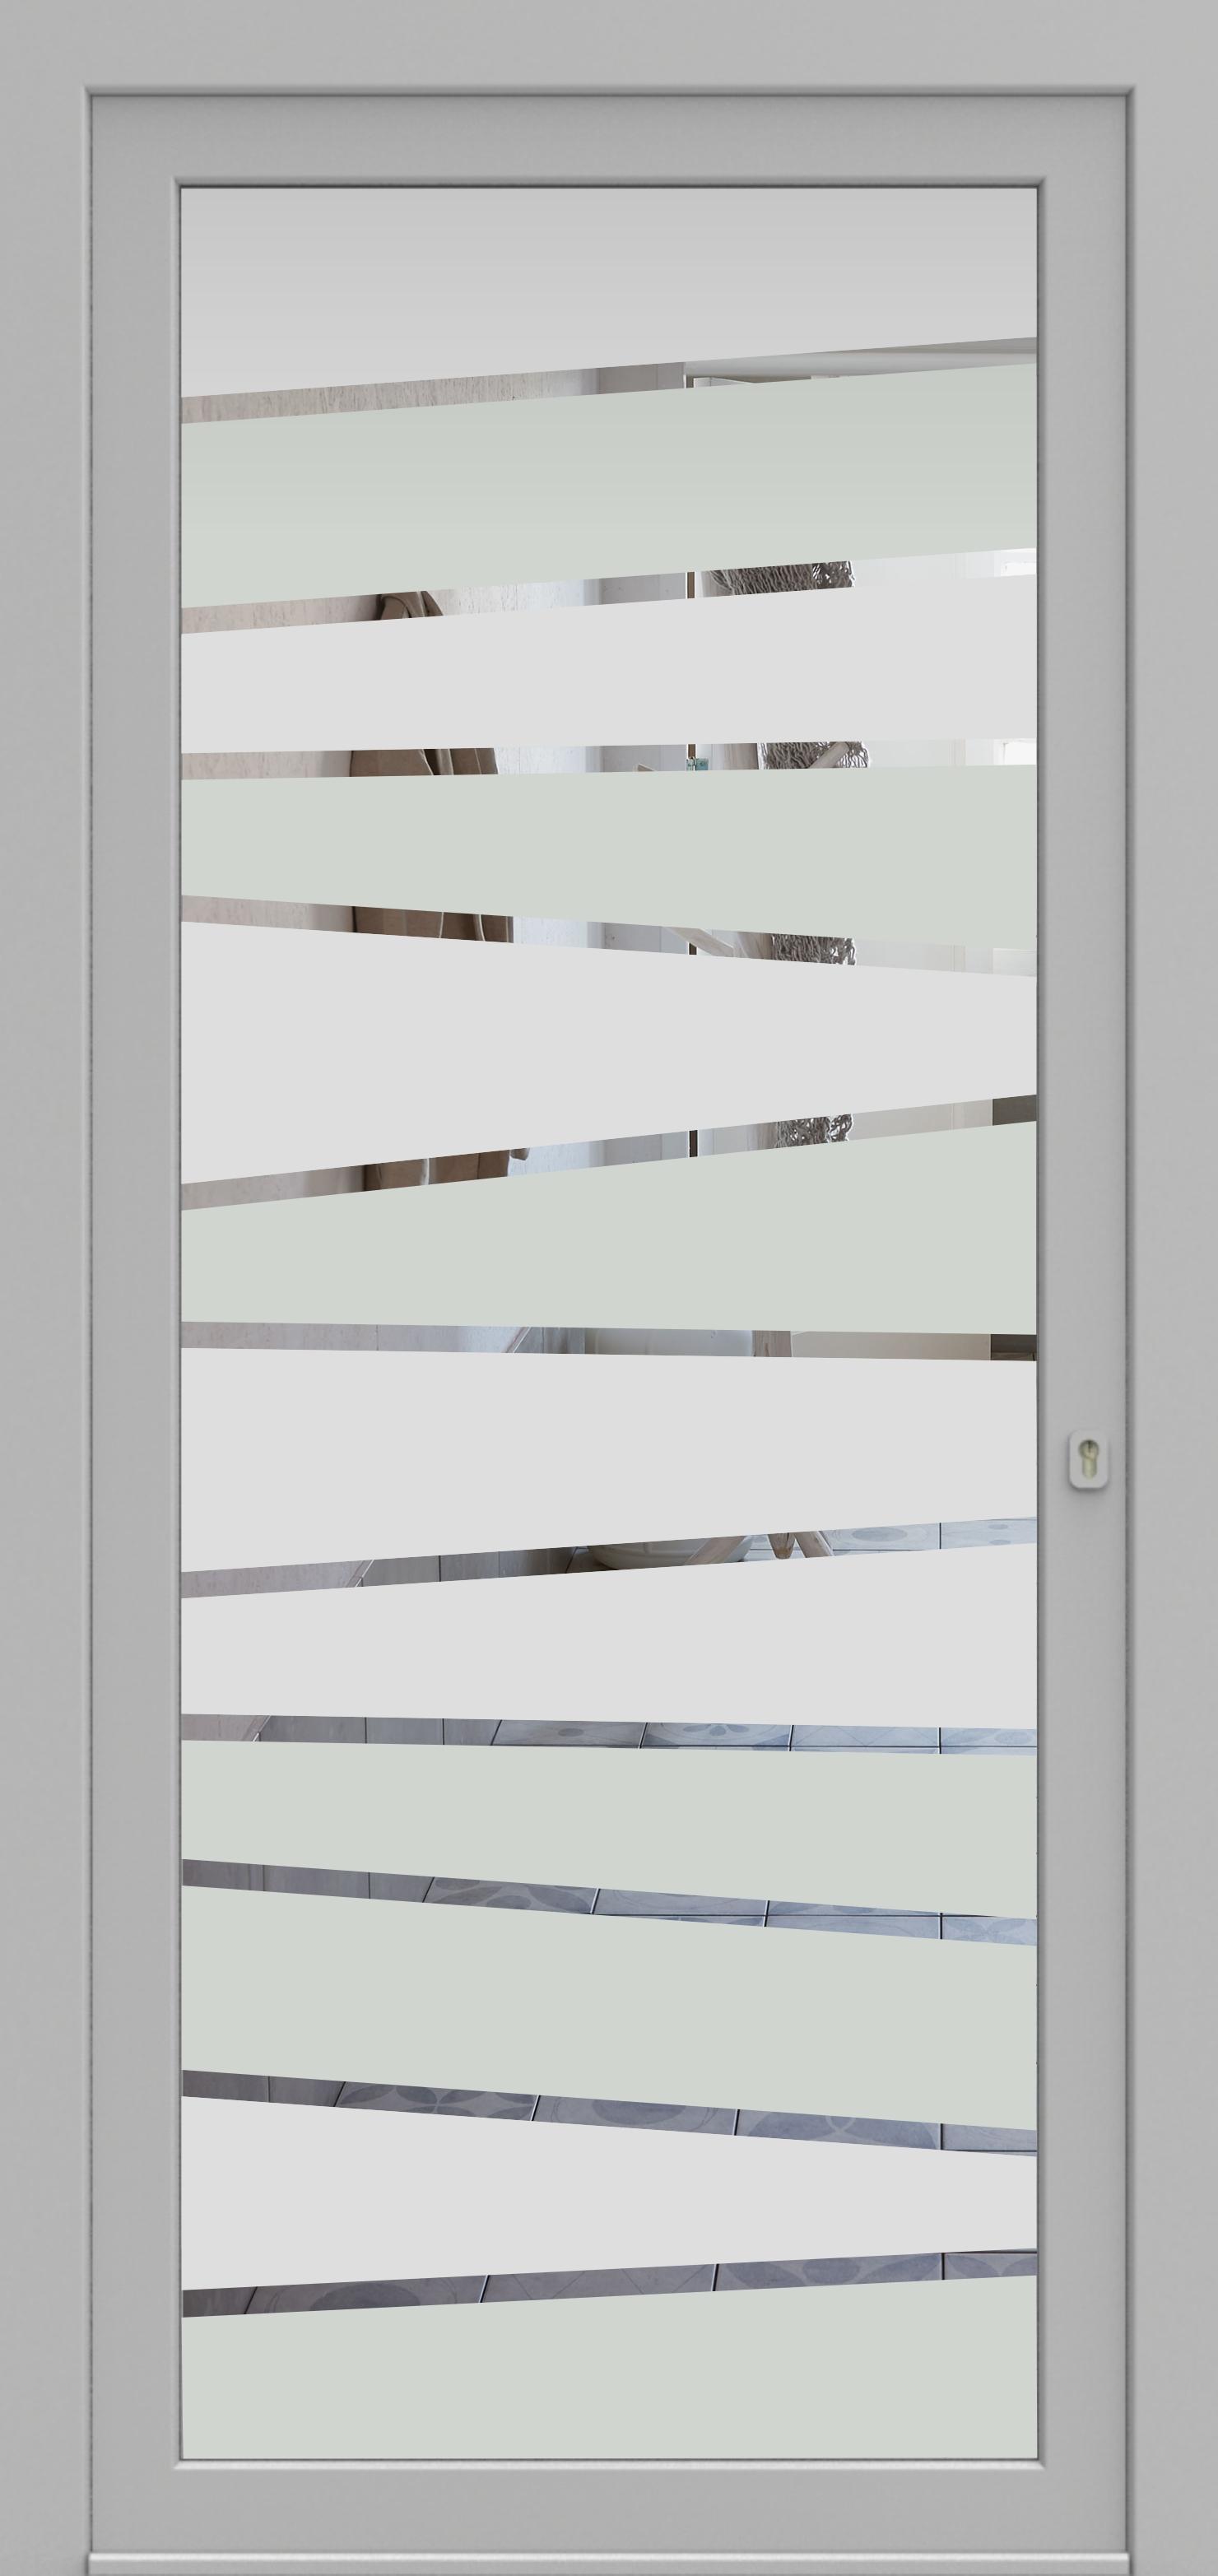 Porte d'entrée DECOVER 3/04 de la gamme Decover posée par les établissements CELEREAU à Roncq